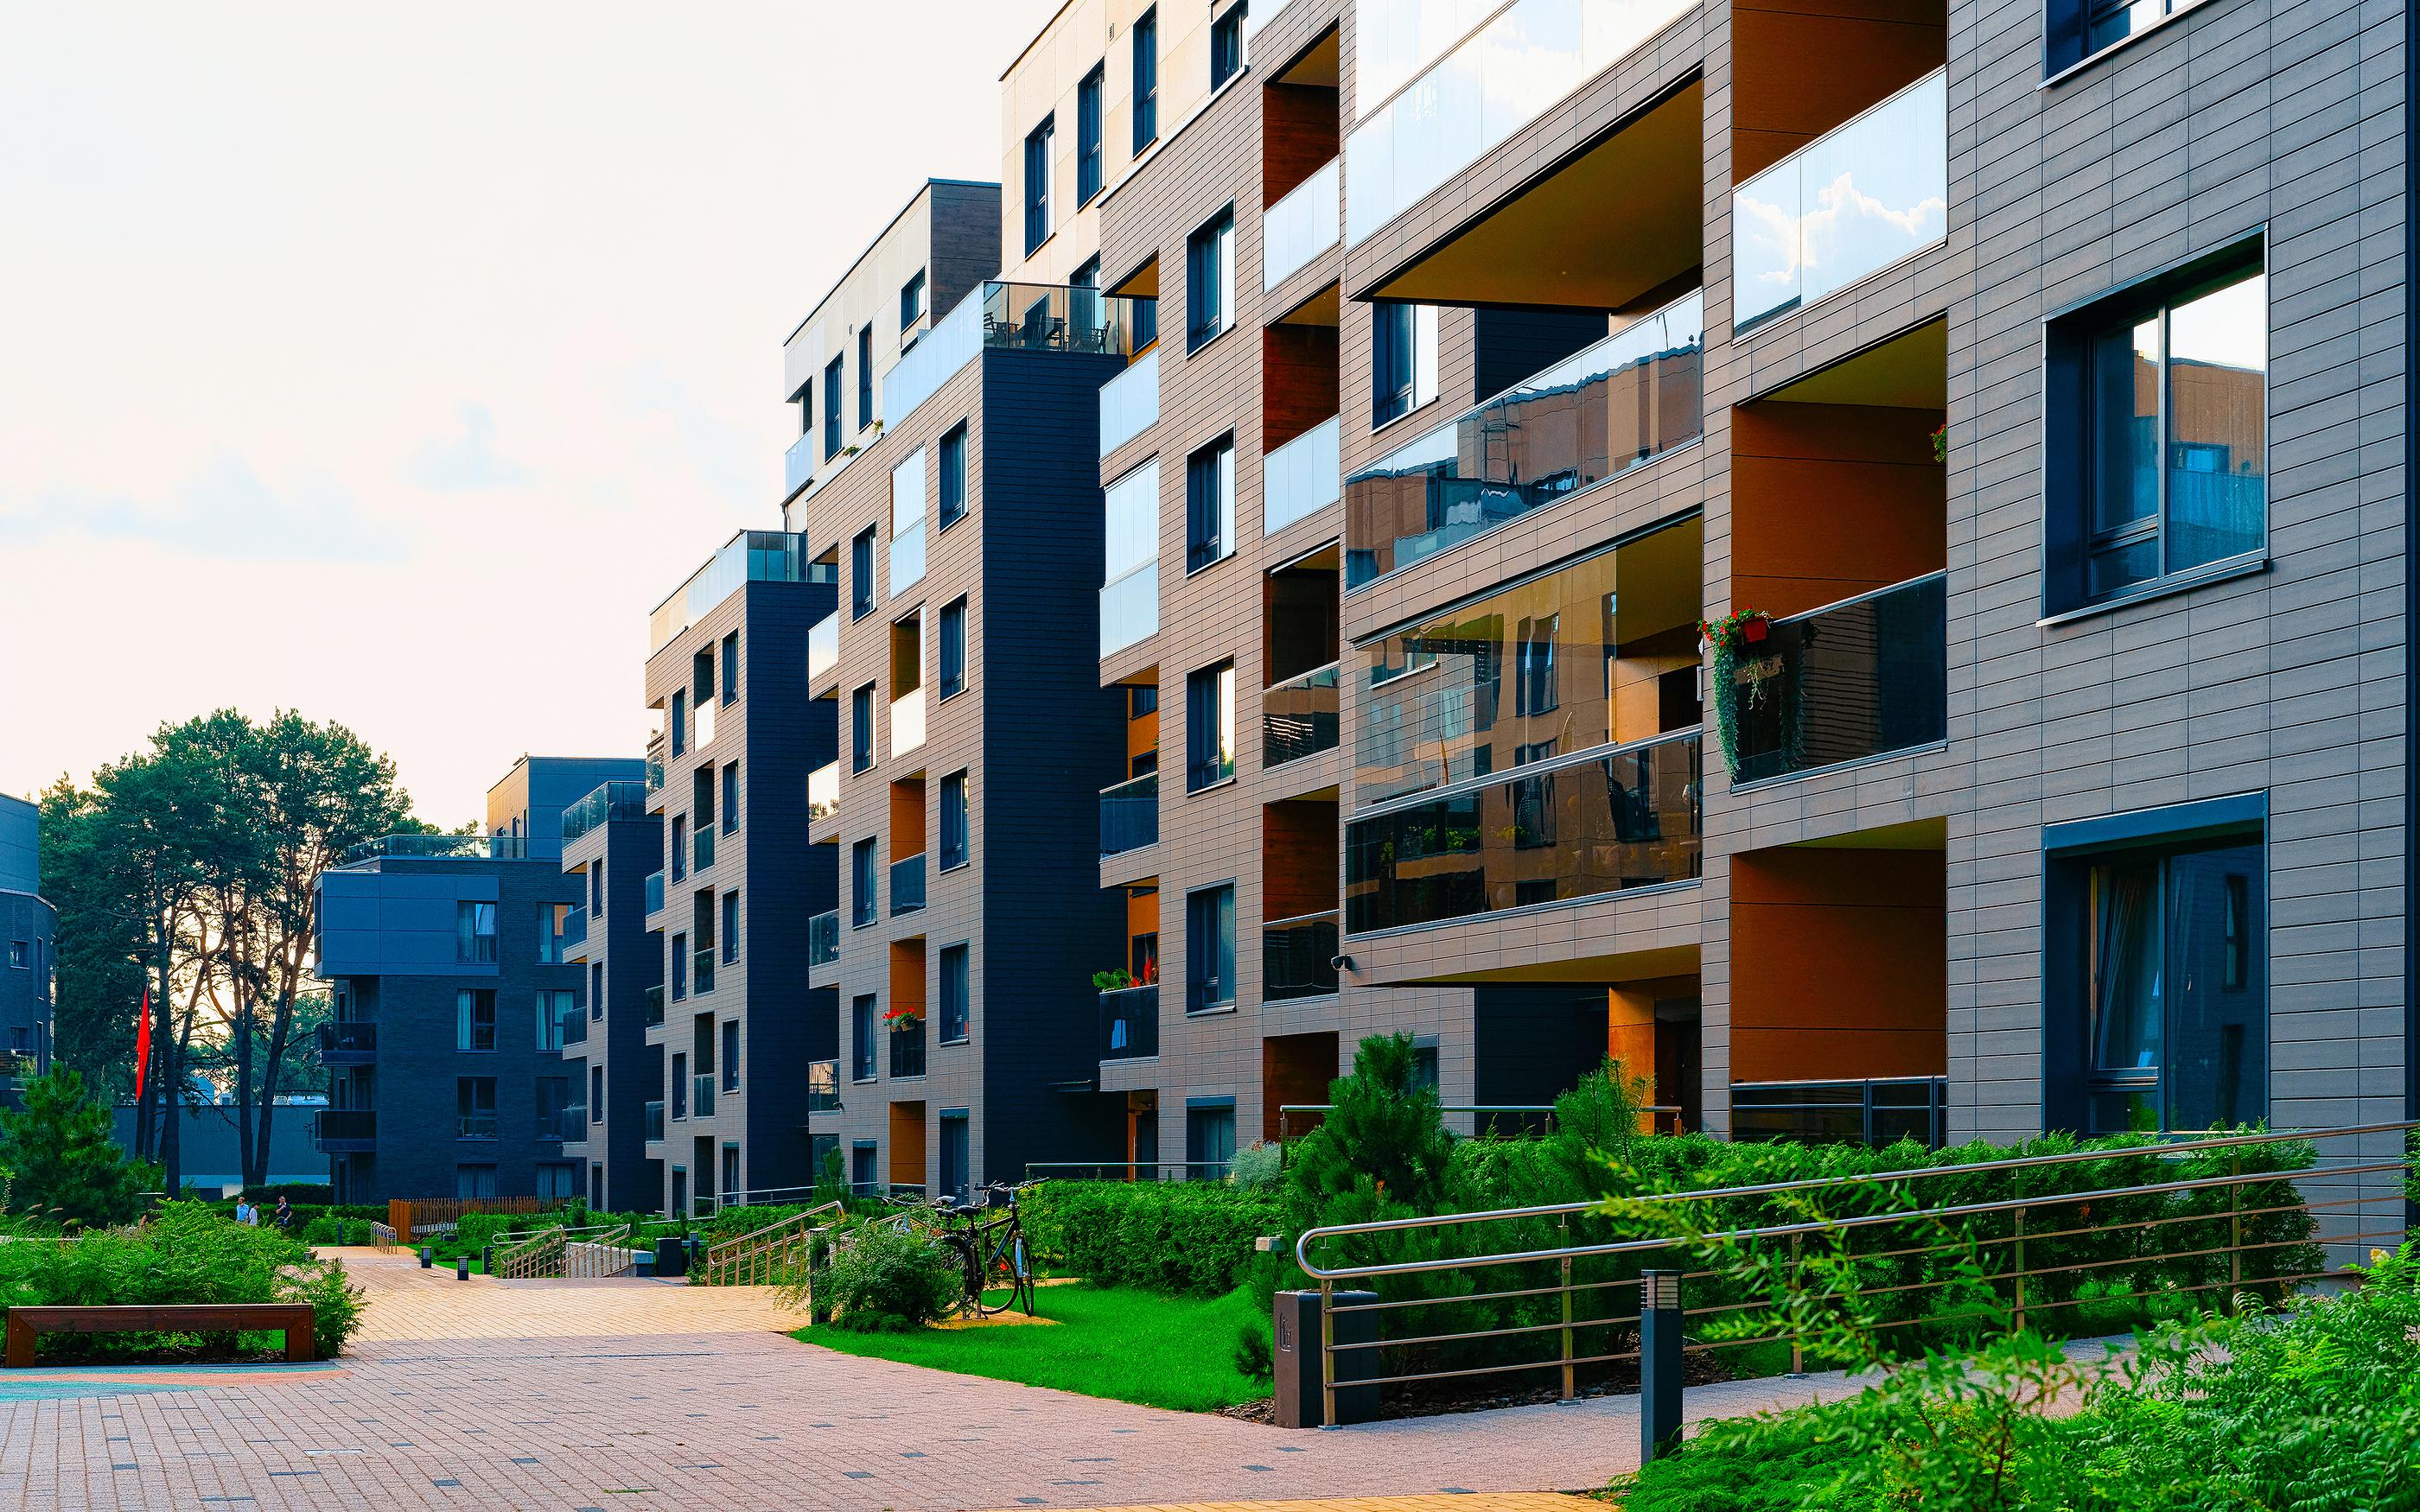 morar-mercado-imobiliário-problemas-novas-tendencias-artigo-brain-marcos-kahtalian-haus-gazeta-do-povo-4.jpg